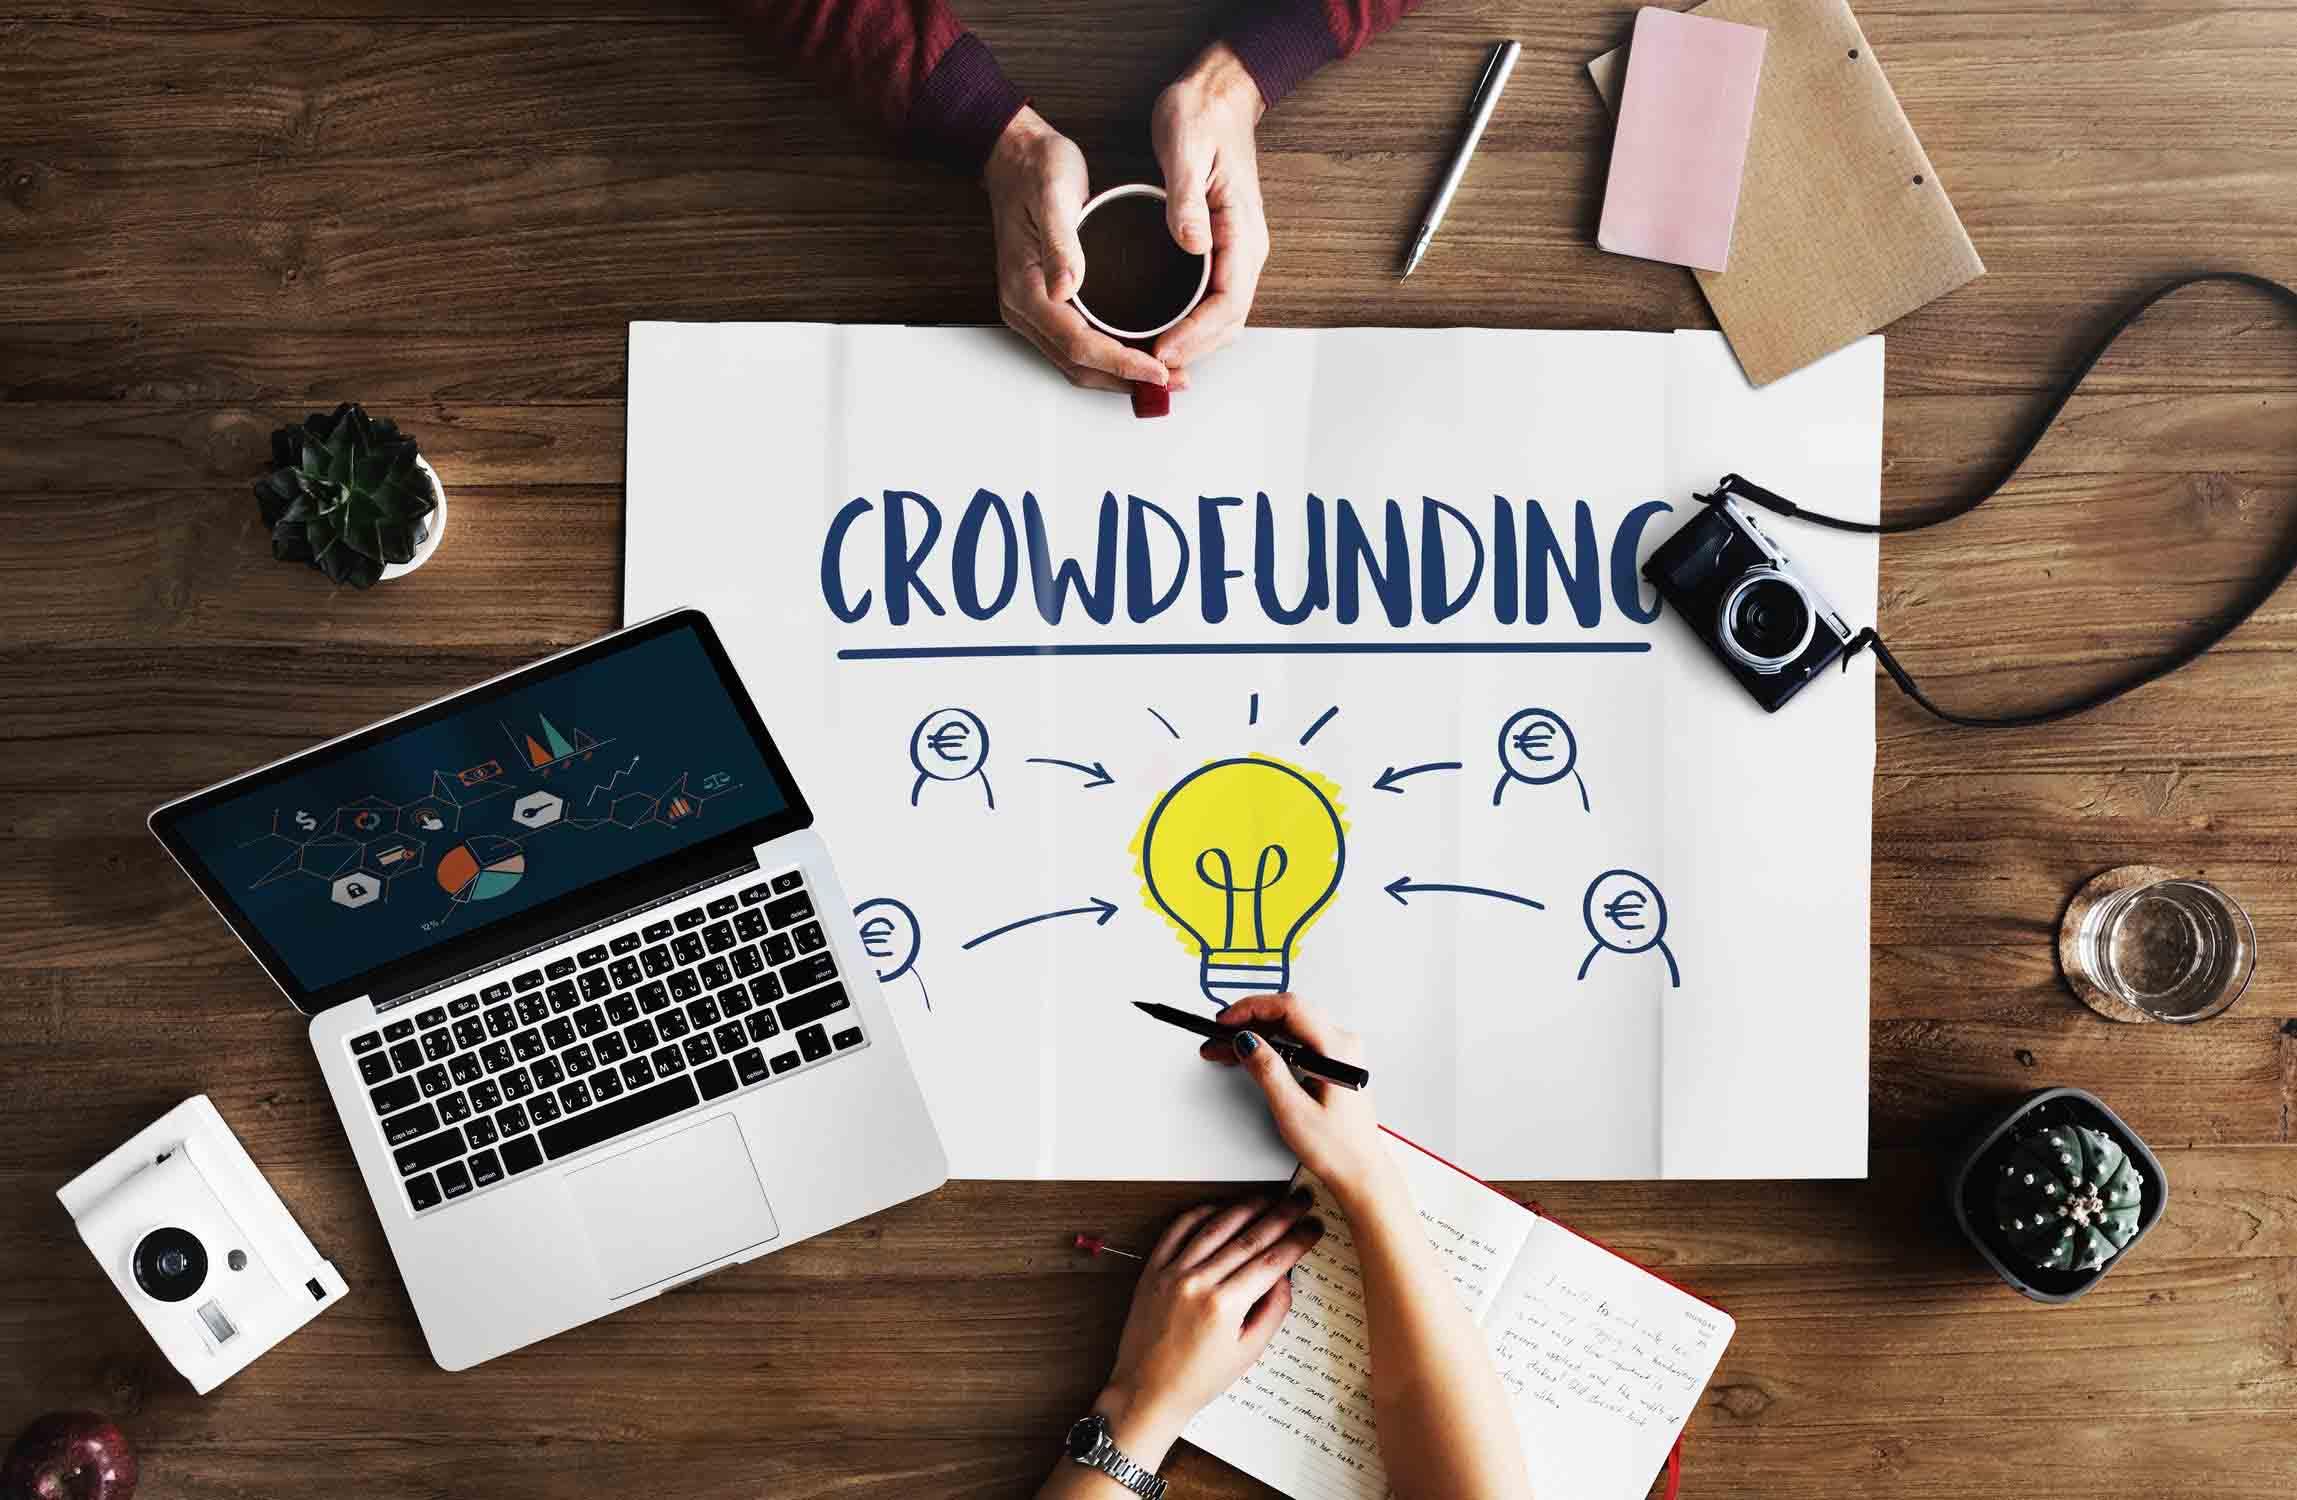 Crowdfunding ideeën en plannen op tafel